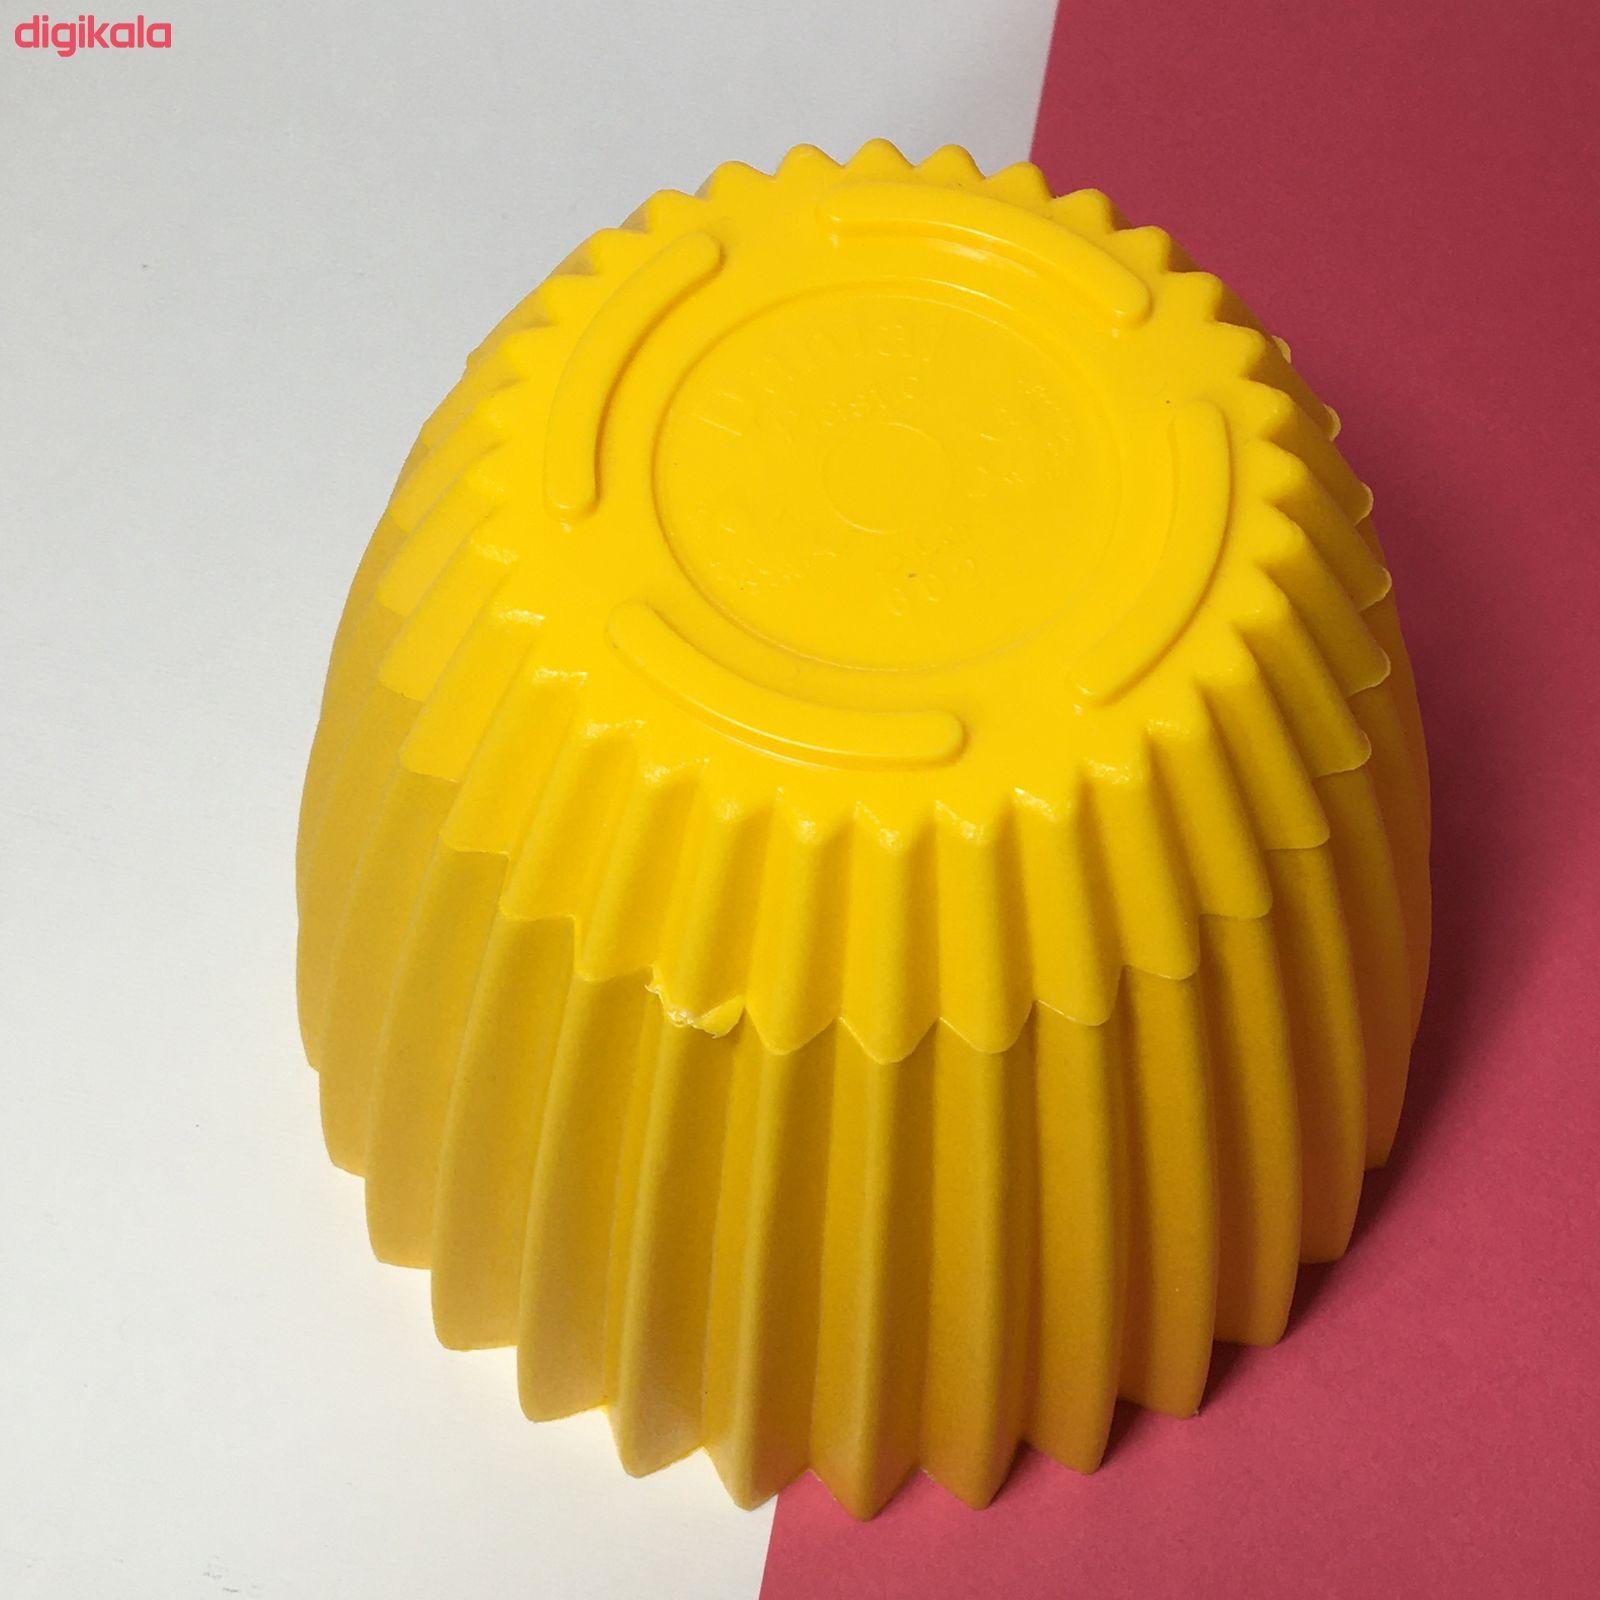 گلدان دانیال پلاستیک کد 212 main 1 6